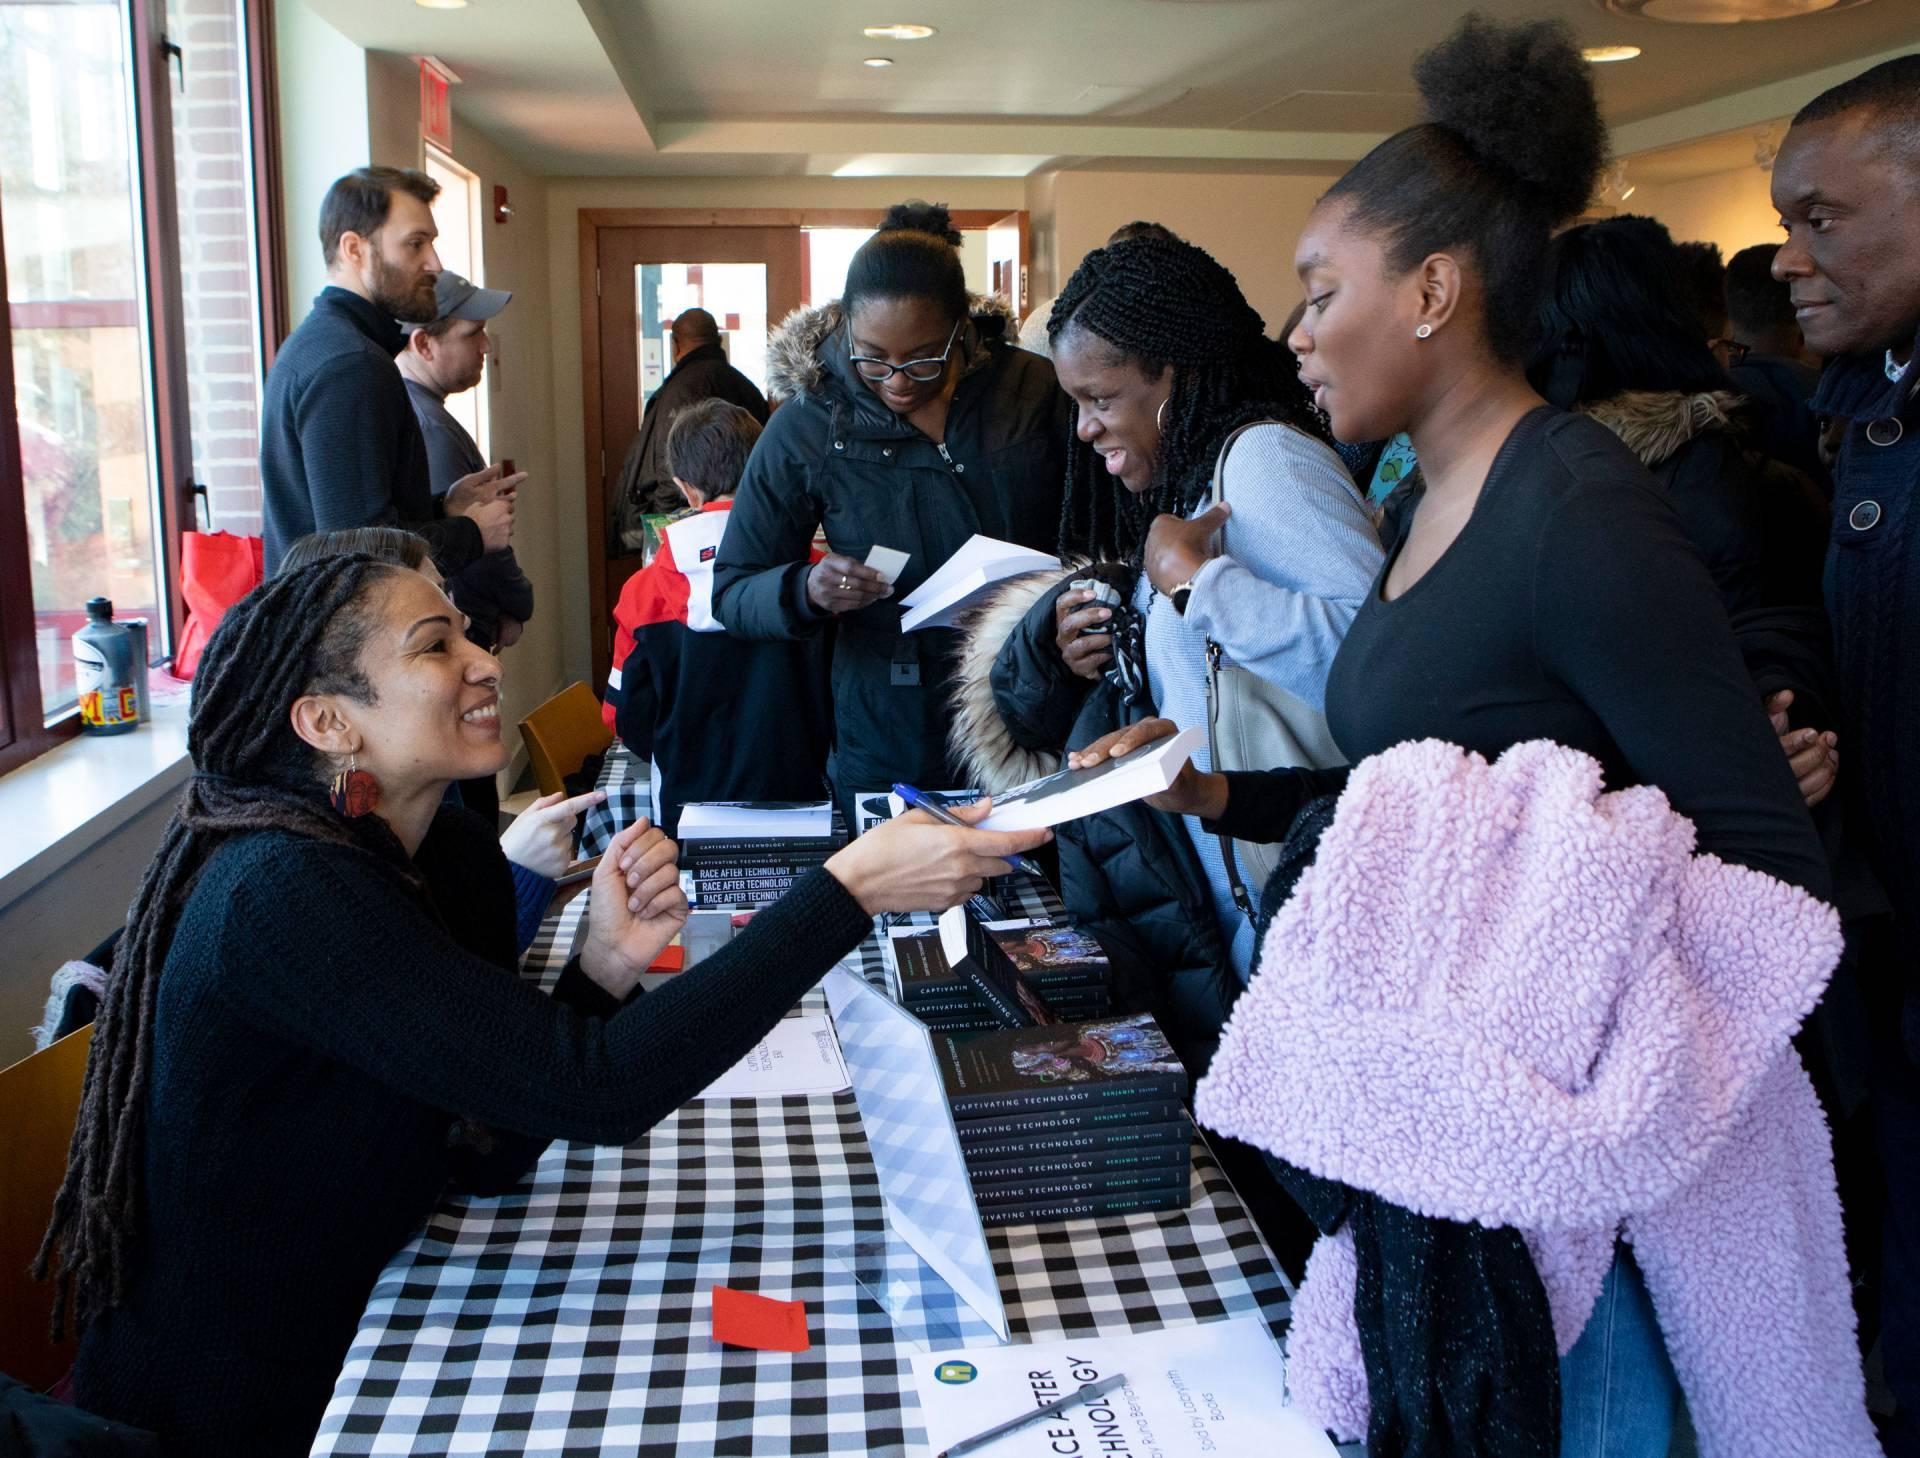 Ruha Benjamin signing books for community members